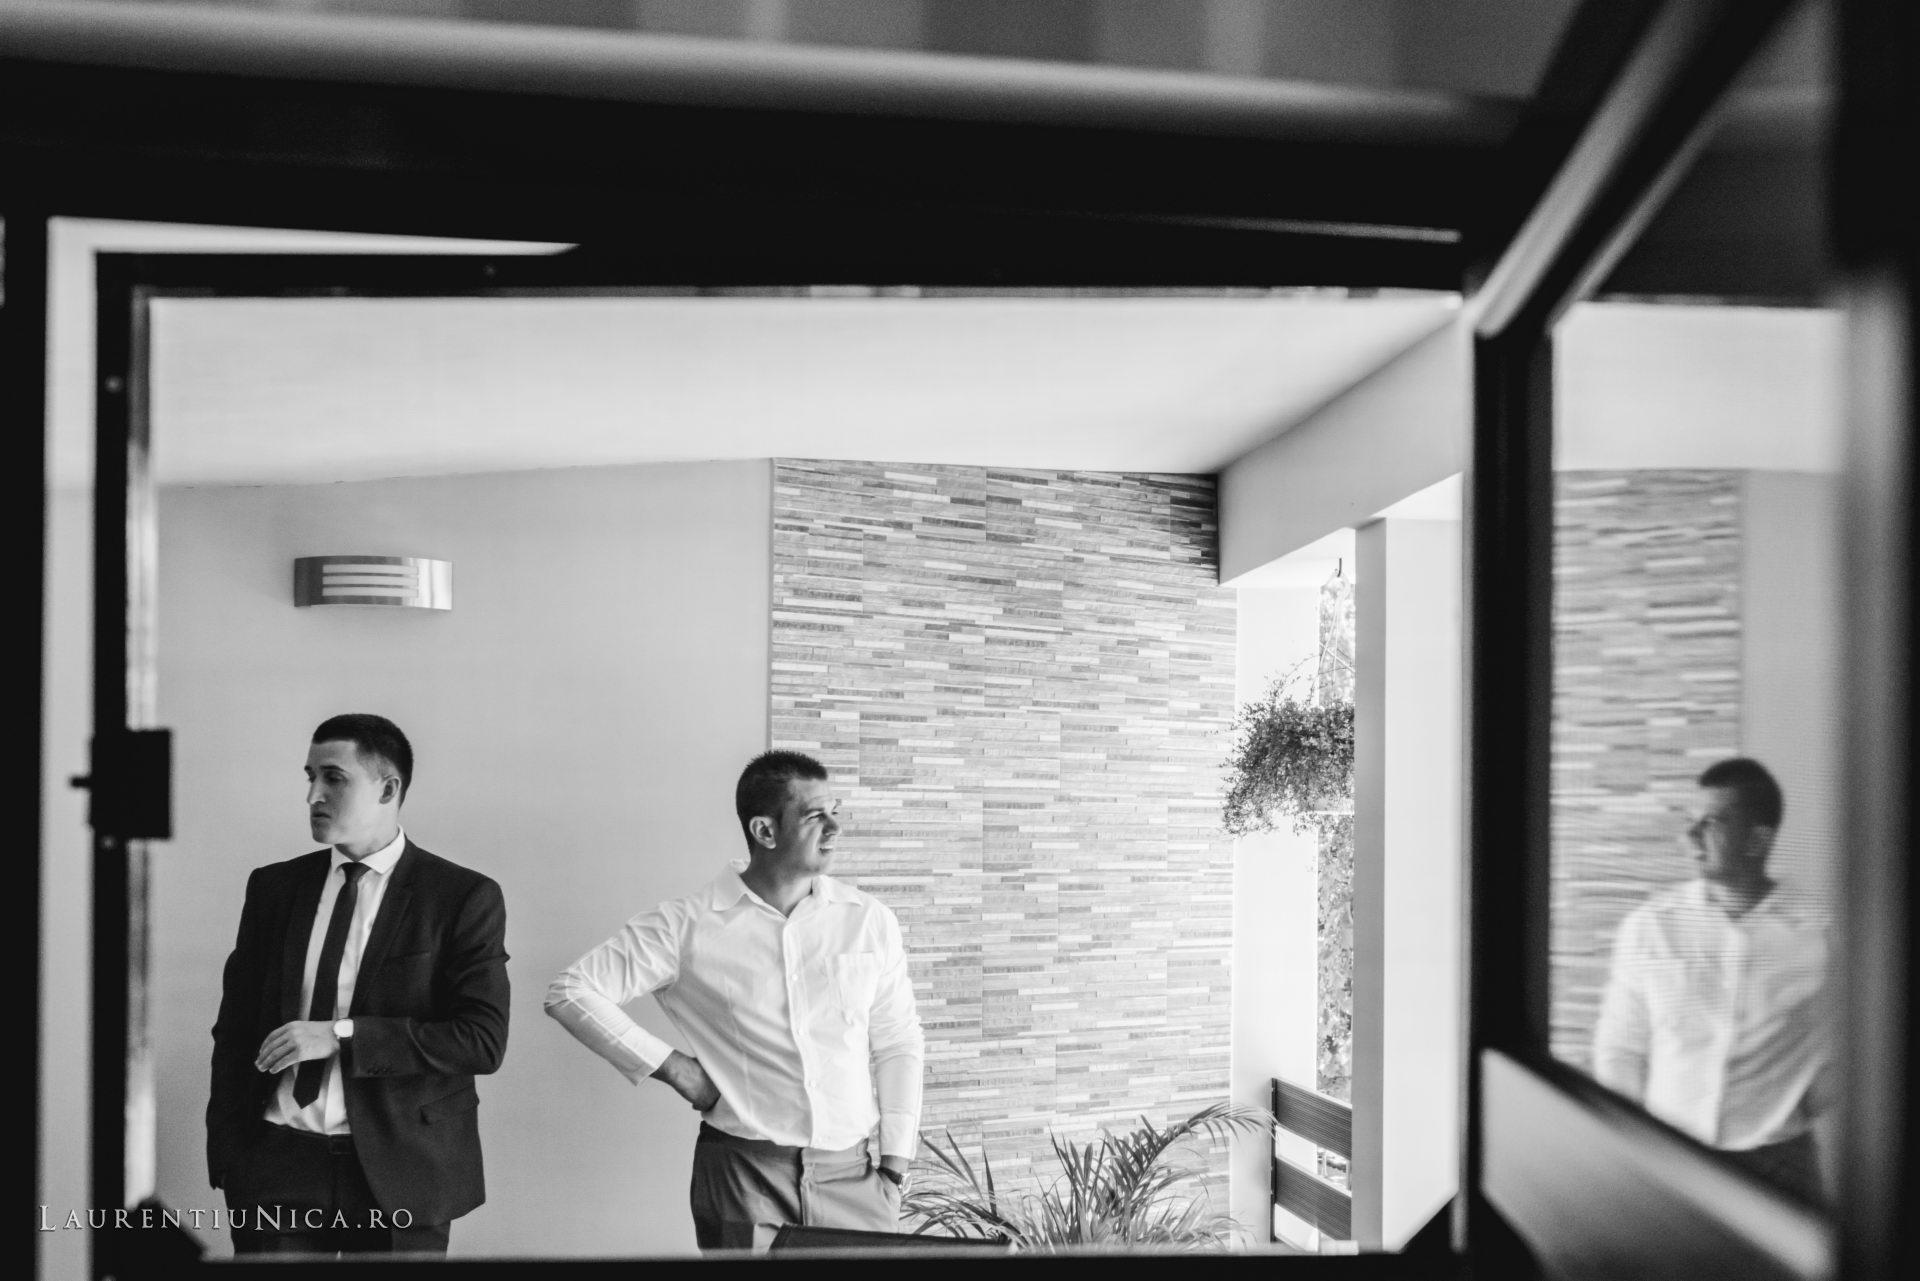 Cristina si Ovidiu nunta Craiova fotograf laurentiu nica 032 - Cristina & Ovidiu | Fotografii nunta | Craiova